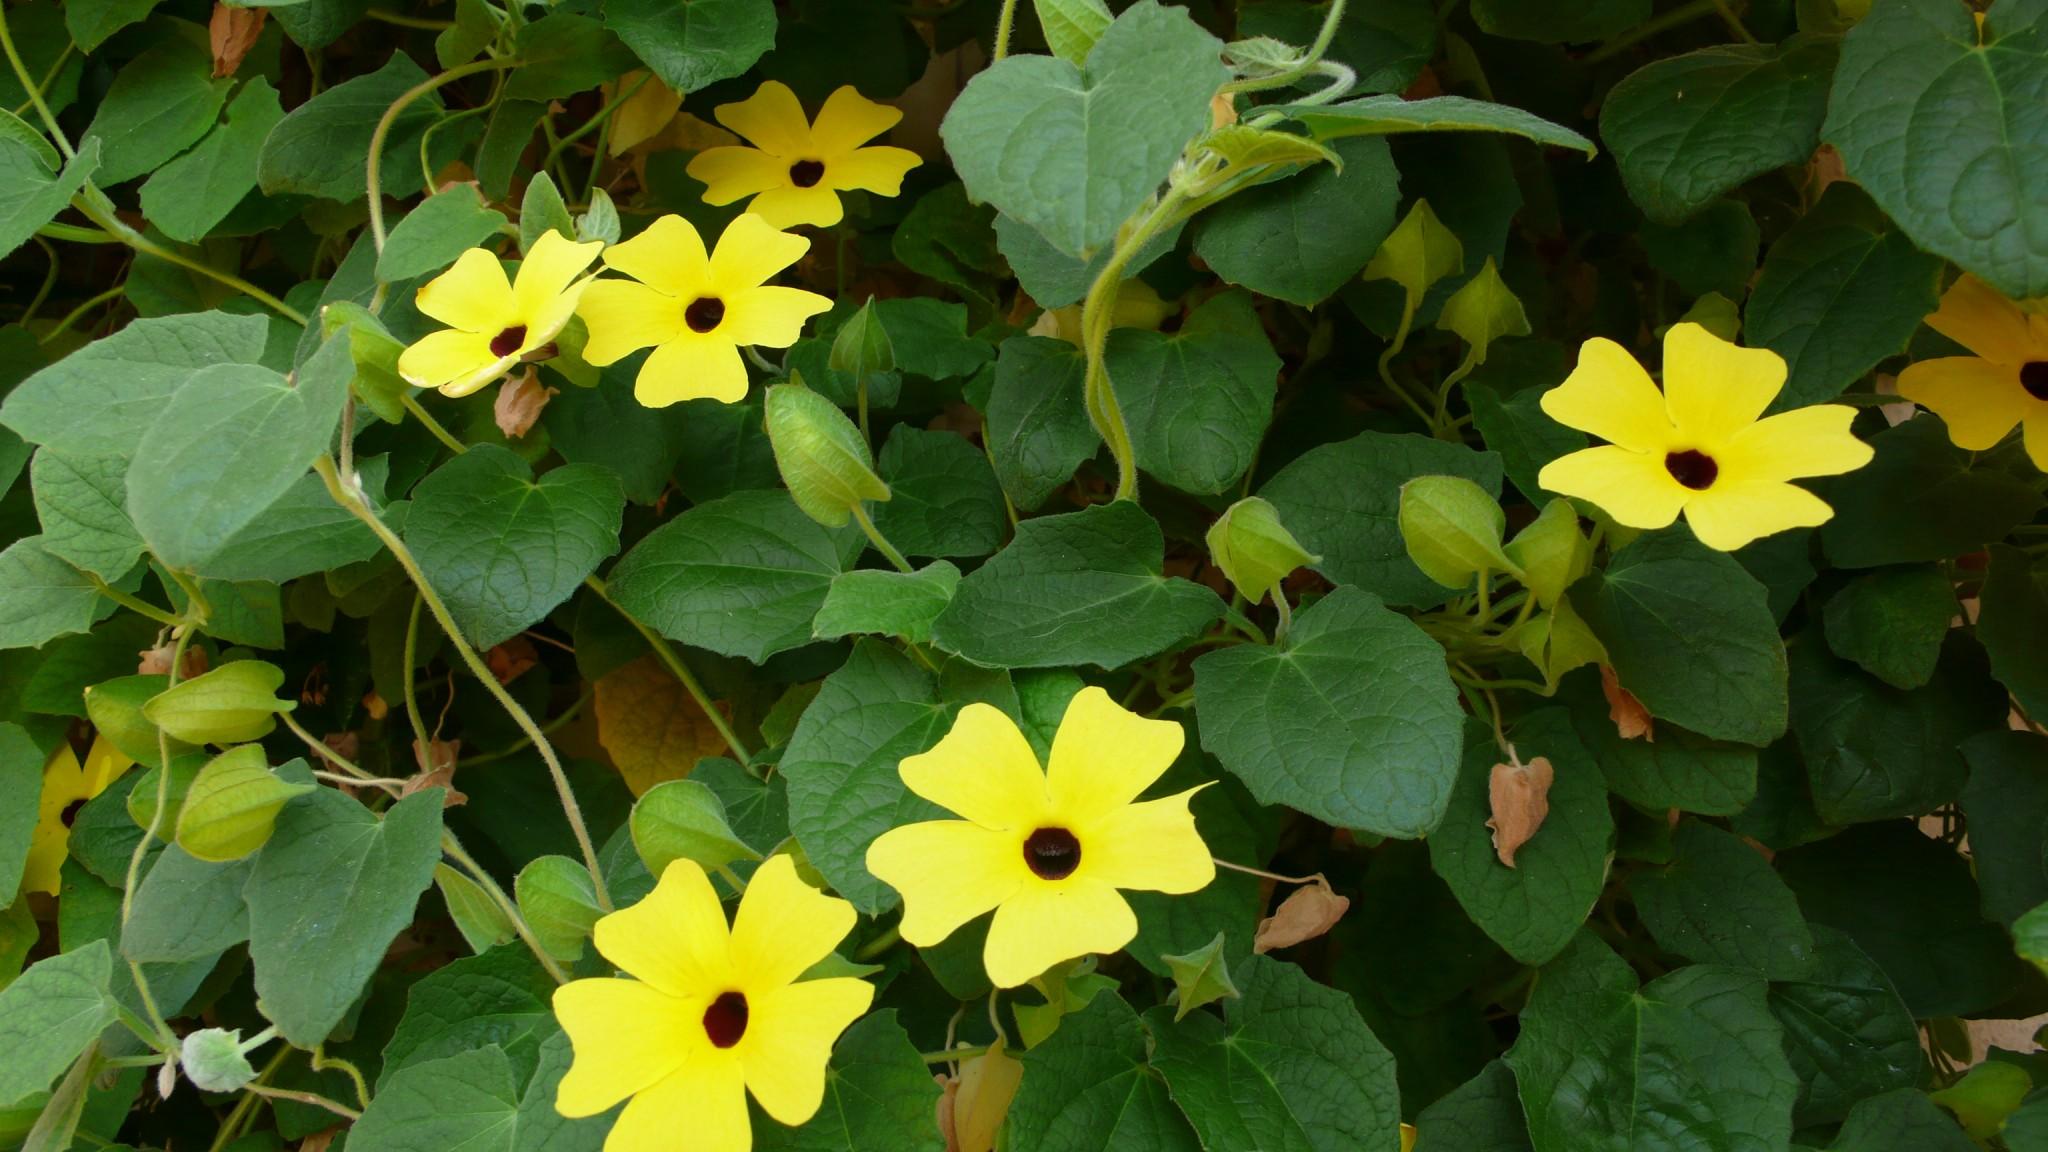 fiori gialli rampicanti